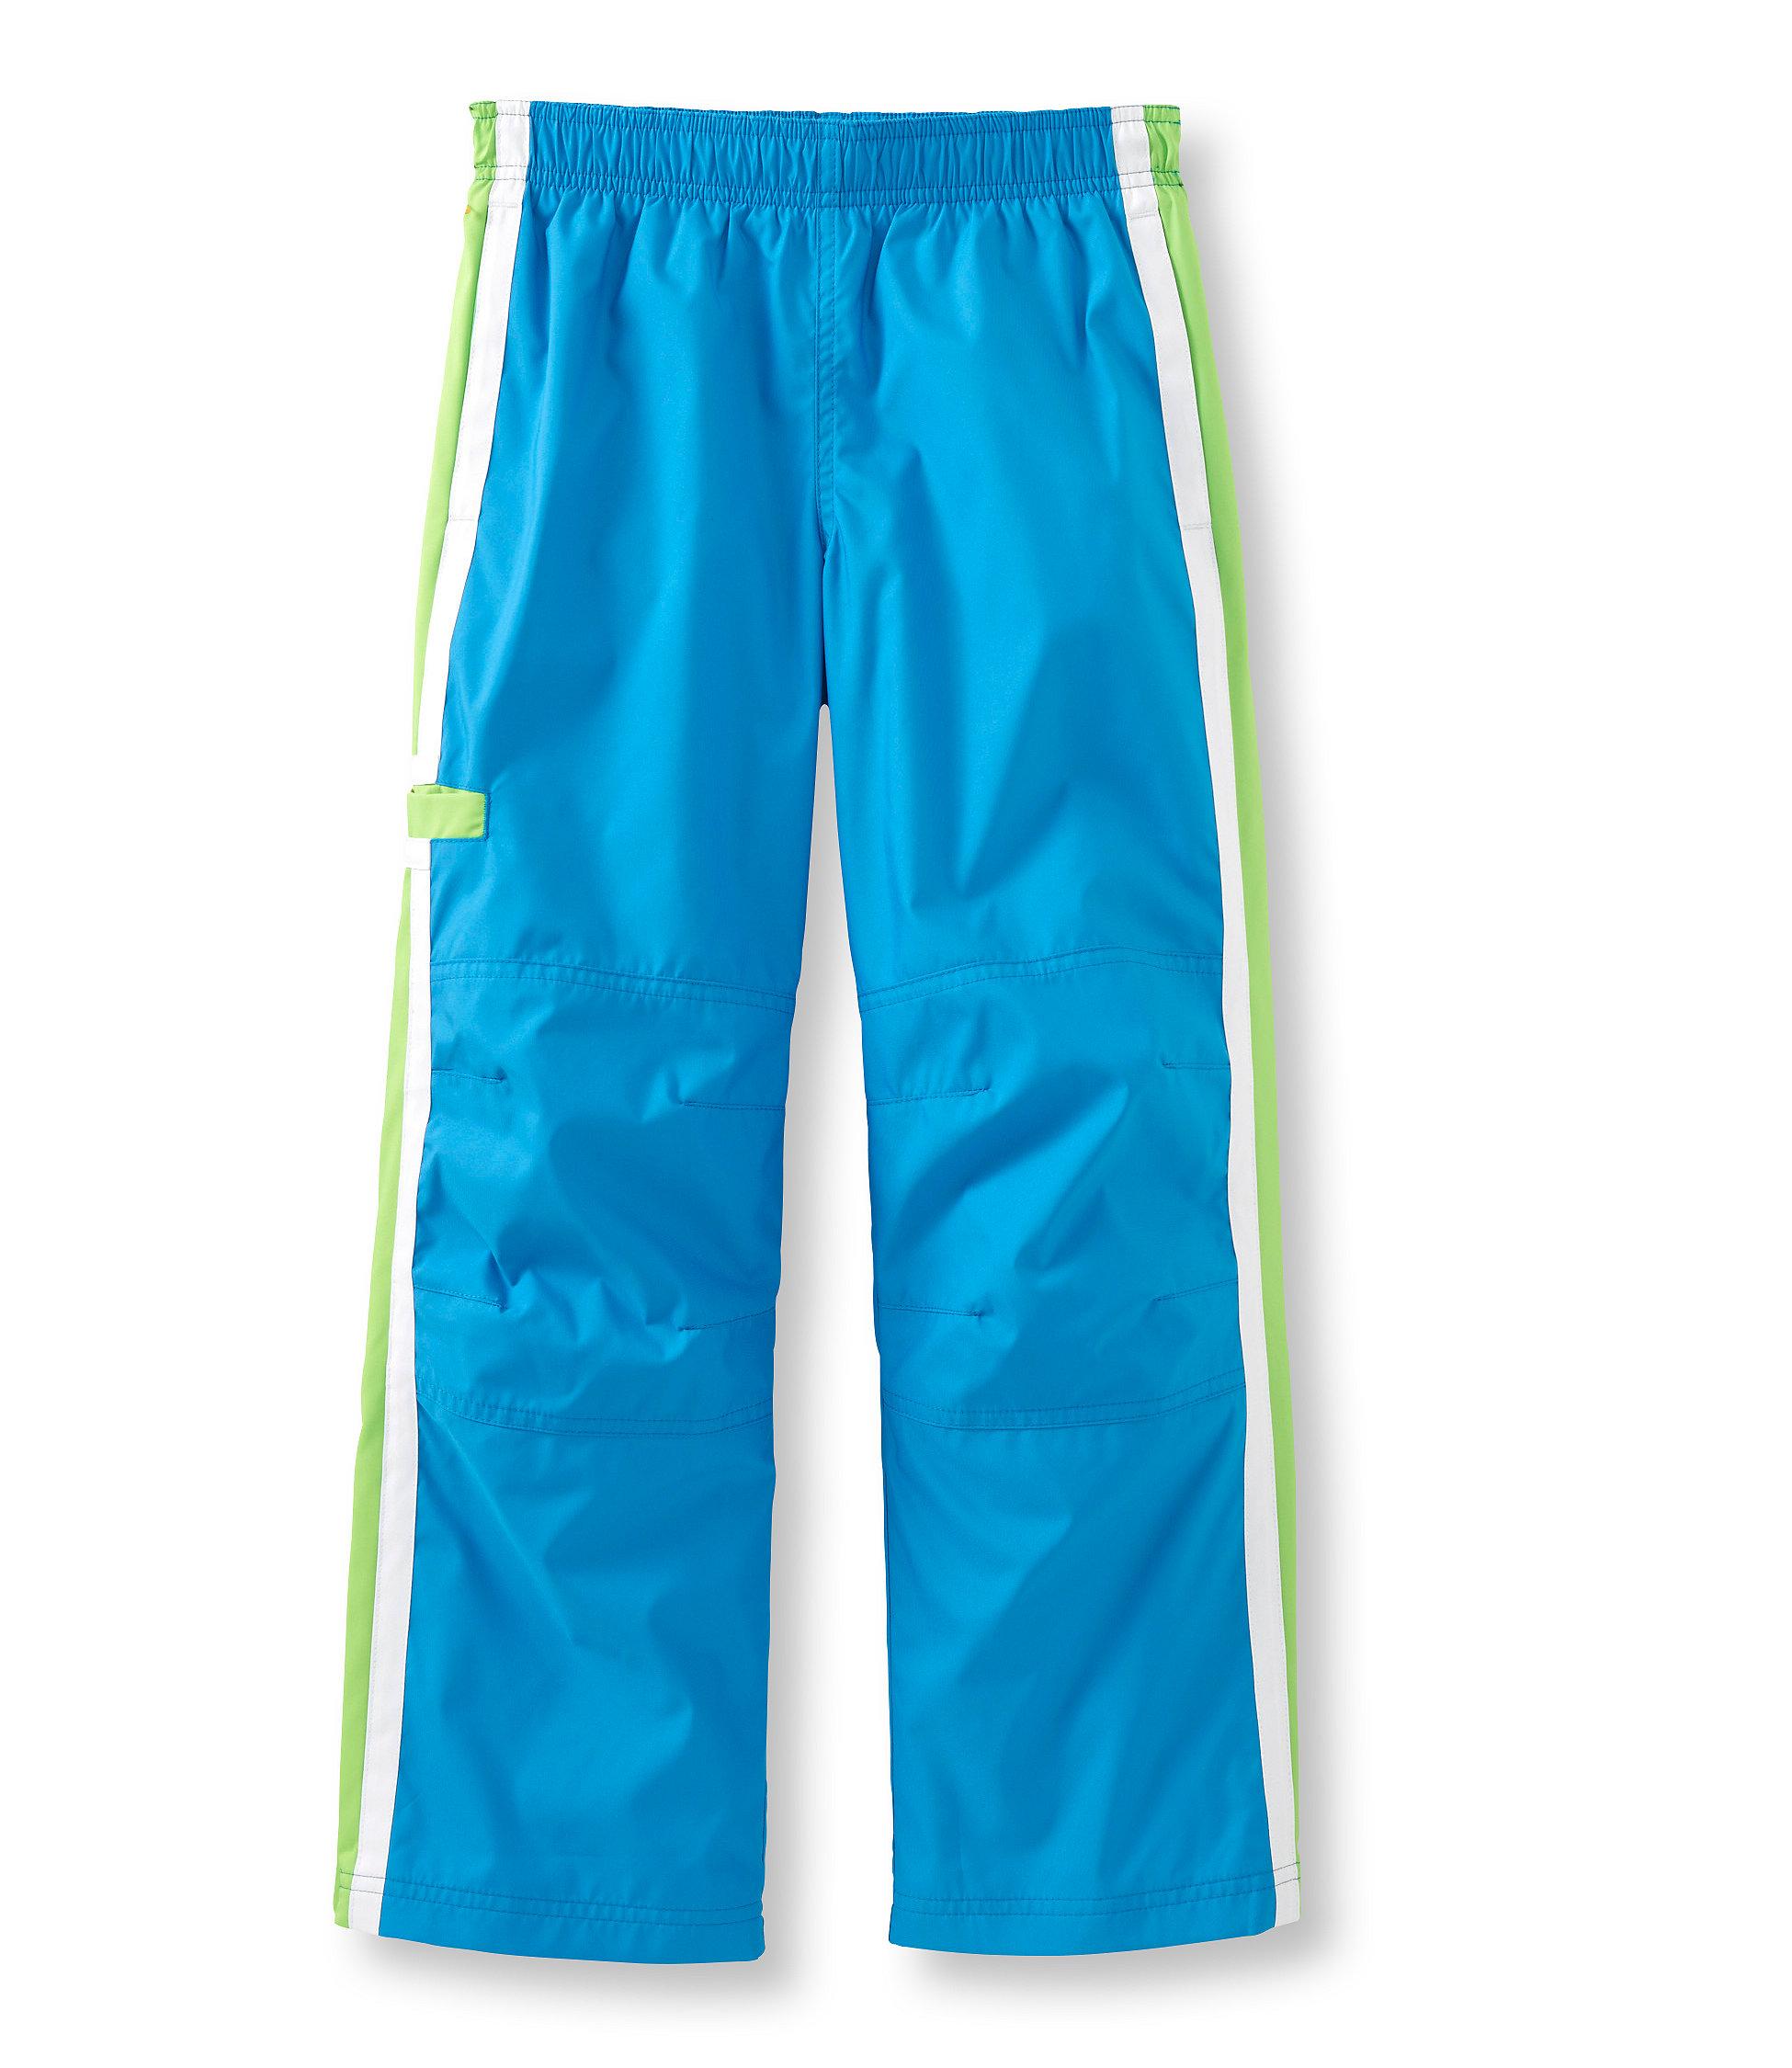 L.L.Bean Athletic Pants